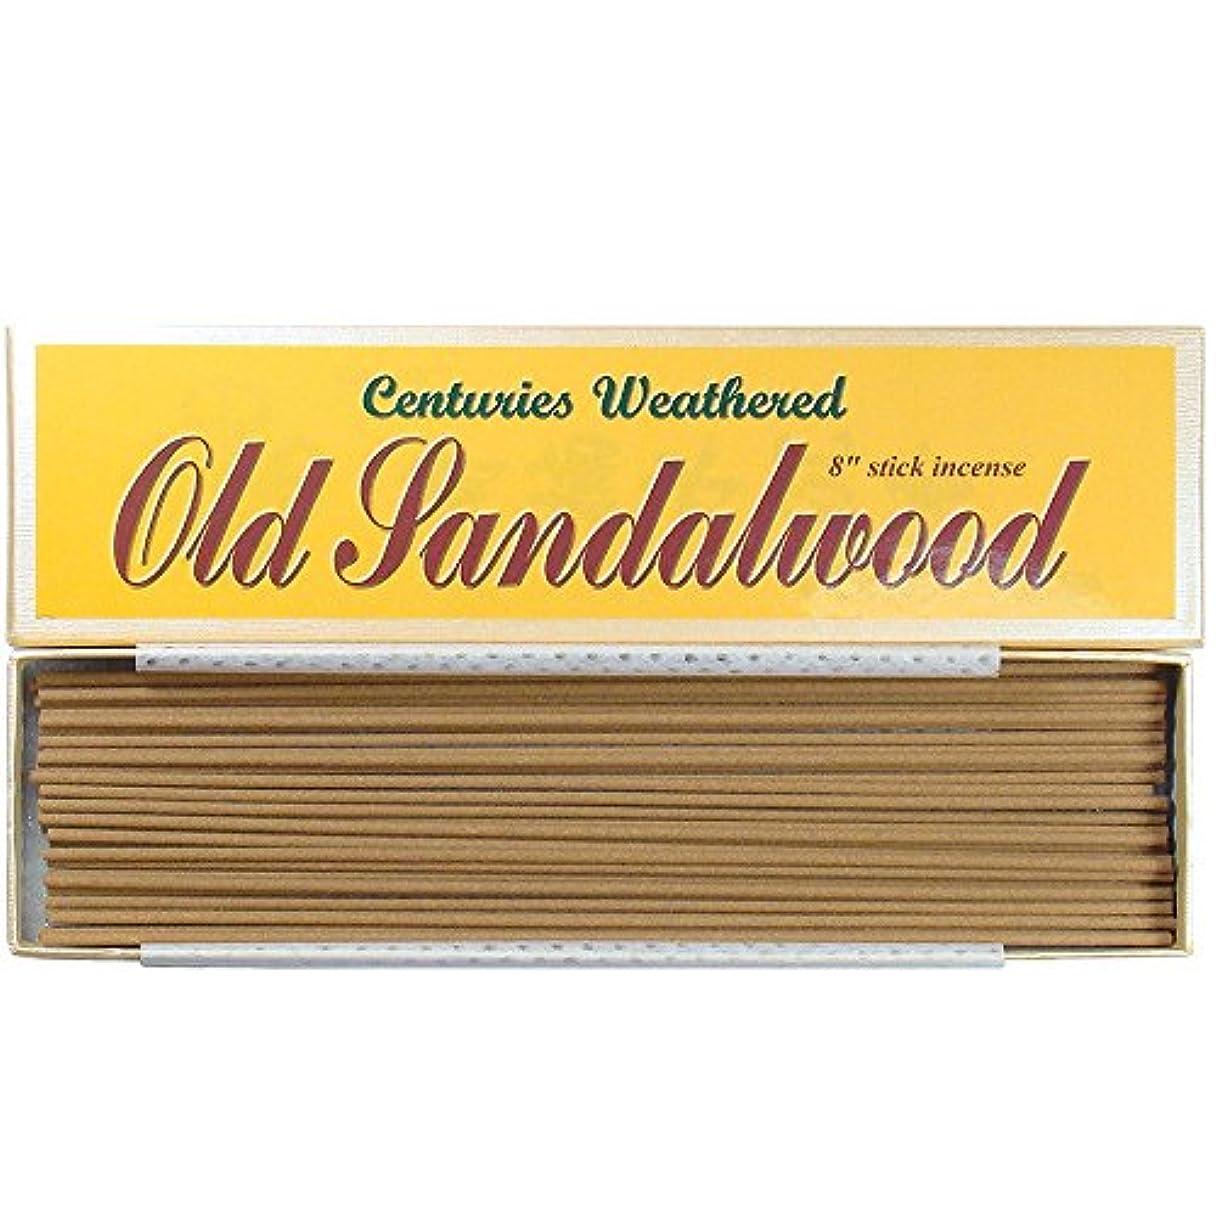 白鳥付録口径風化何世紀もIndian古いサンダルウッド – 8